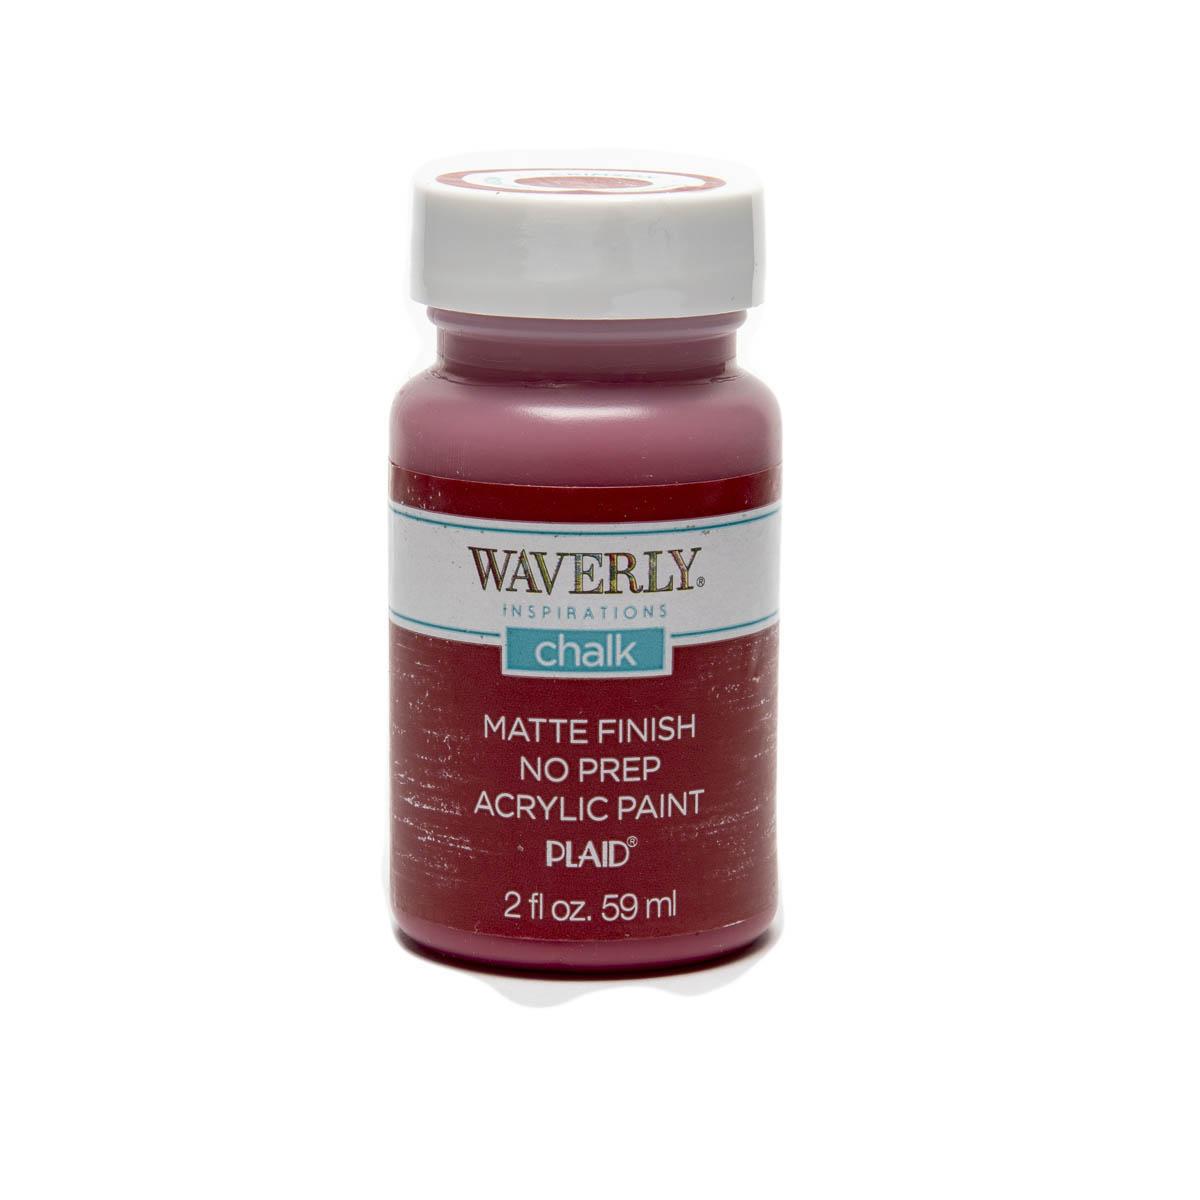 Waverly ® Inspirations Chalk Finish Acrylic Paint - Crimson, 2 oz. - 60742E